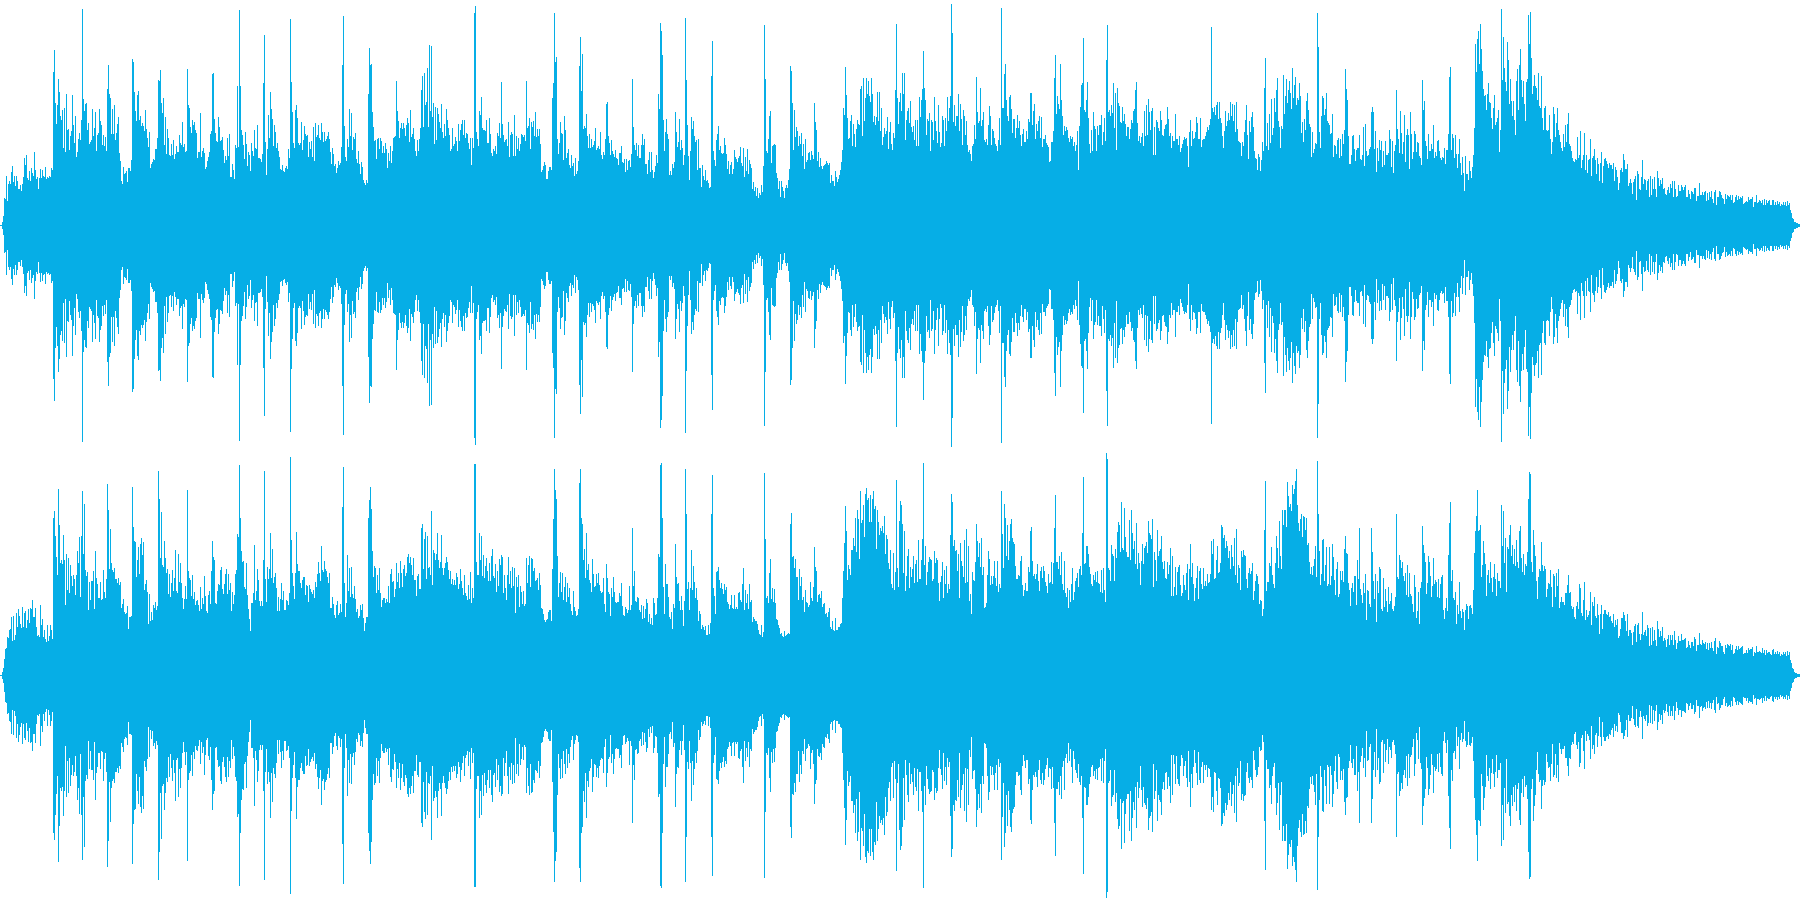 横笛と三味線の掛け合い~ショートの再生済みの波形